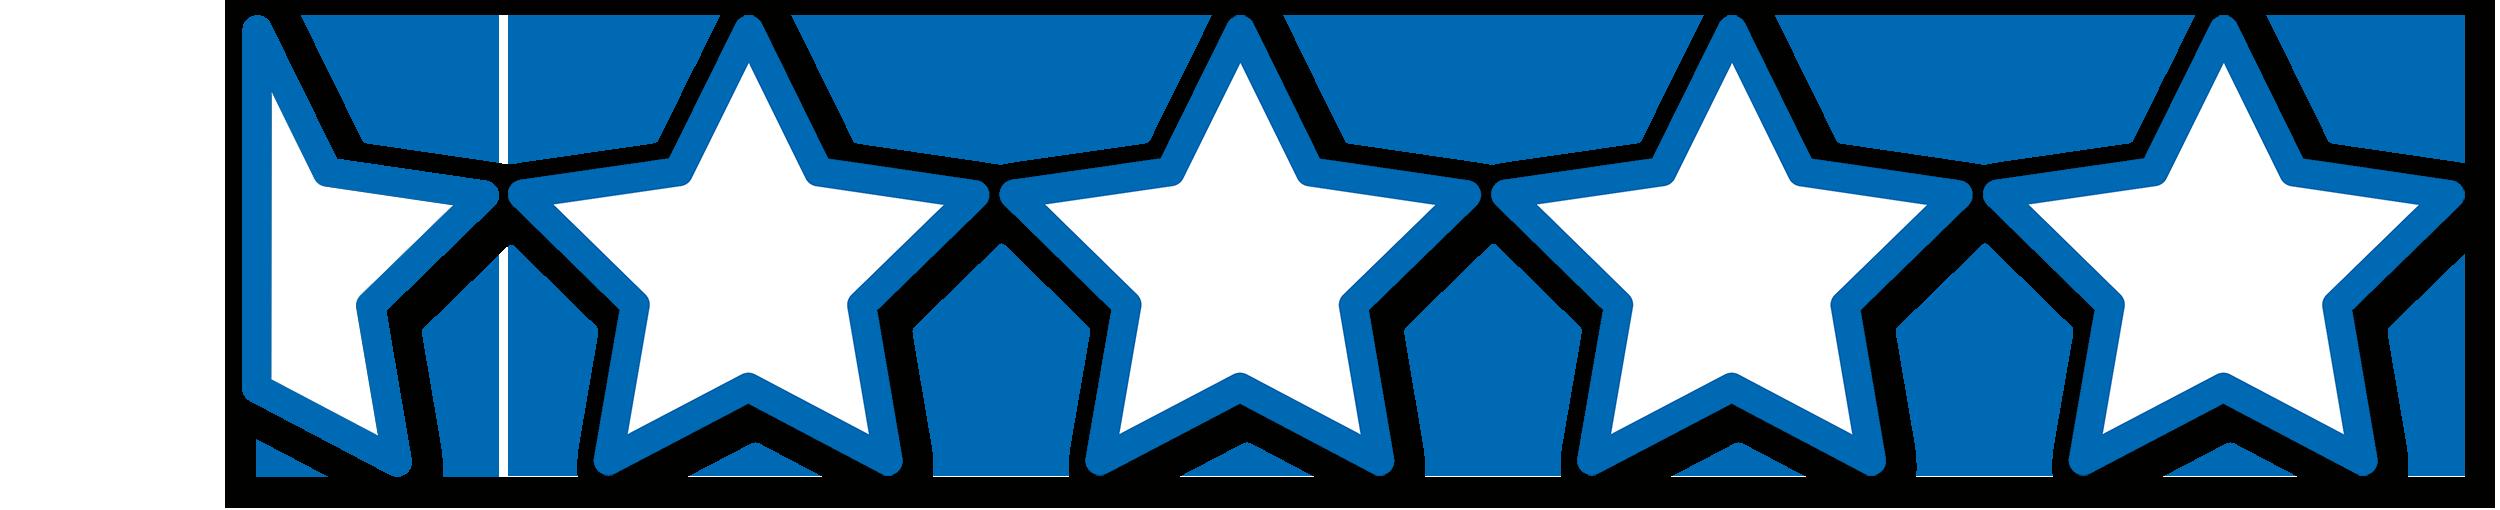 Stern4-5 Jungermann und Hausner Weilheim iOB